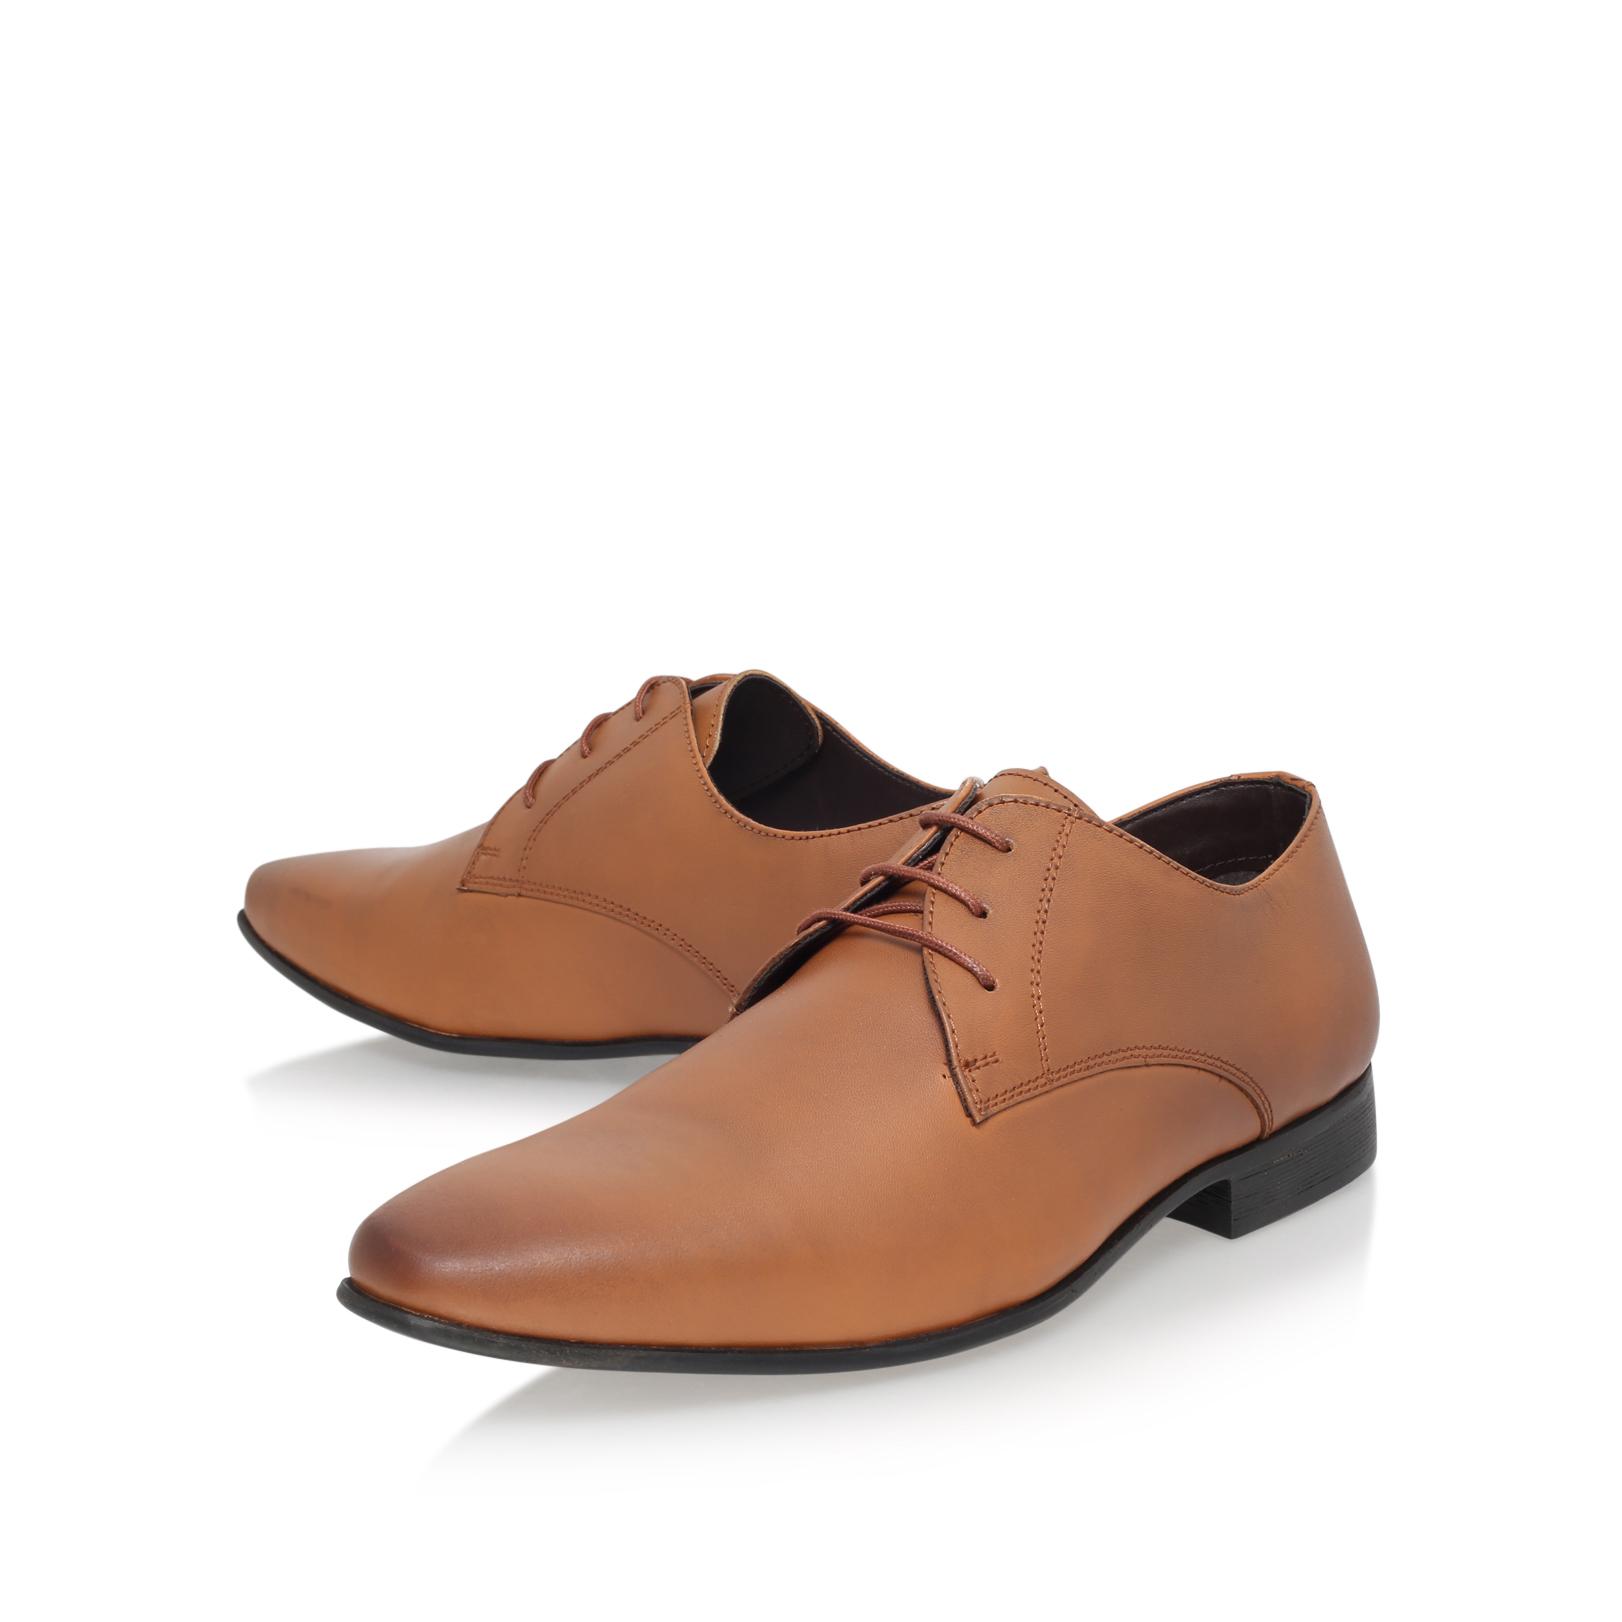 edmonton kurt geiger edmonton leather derby shoes by